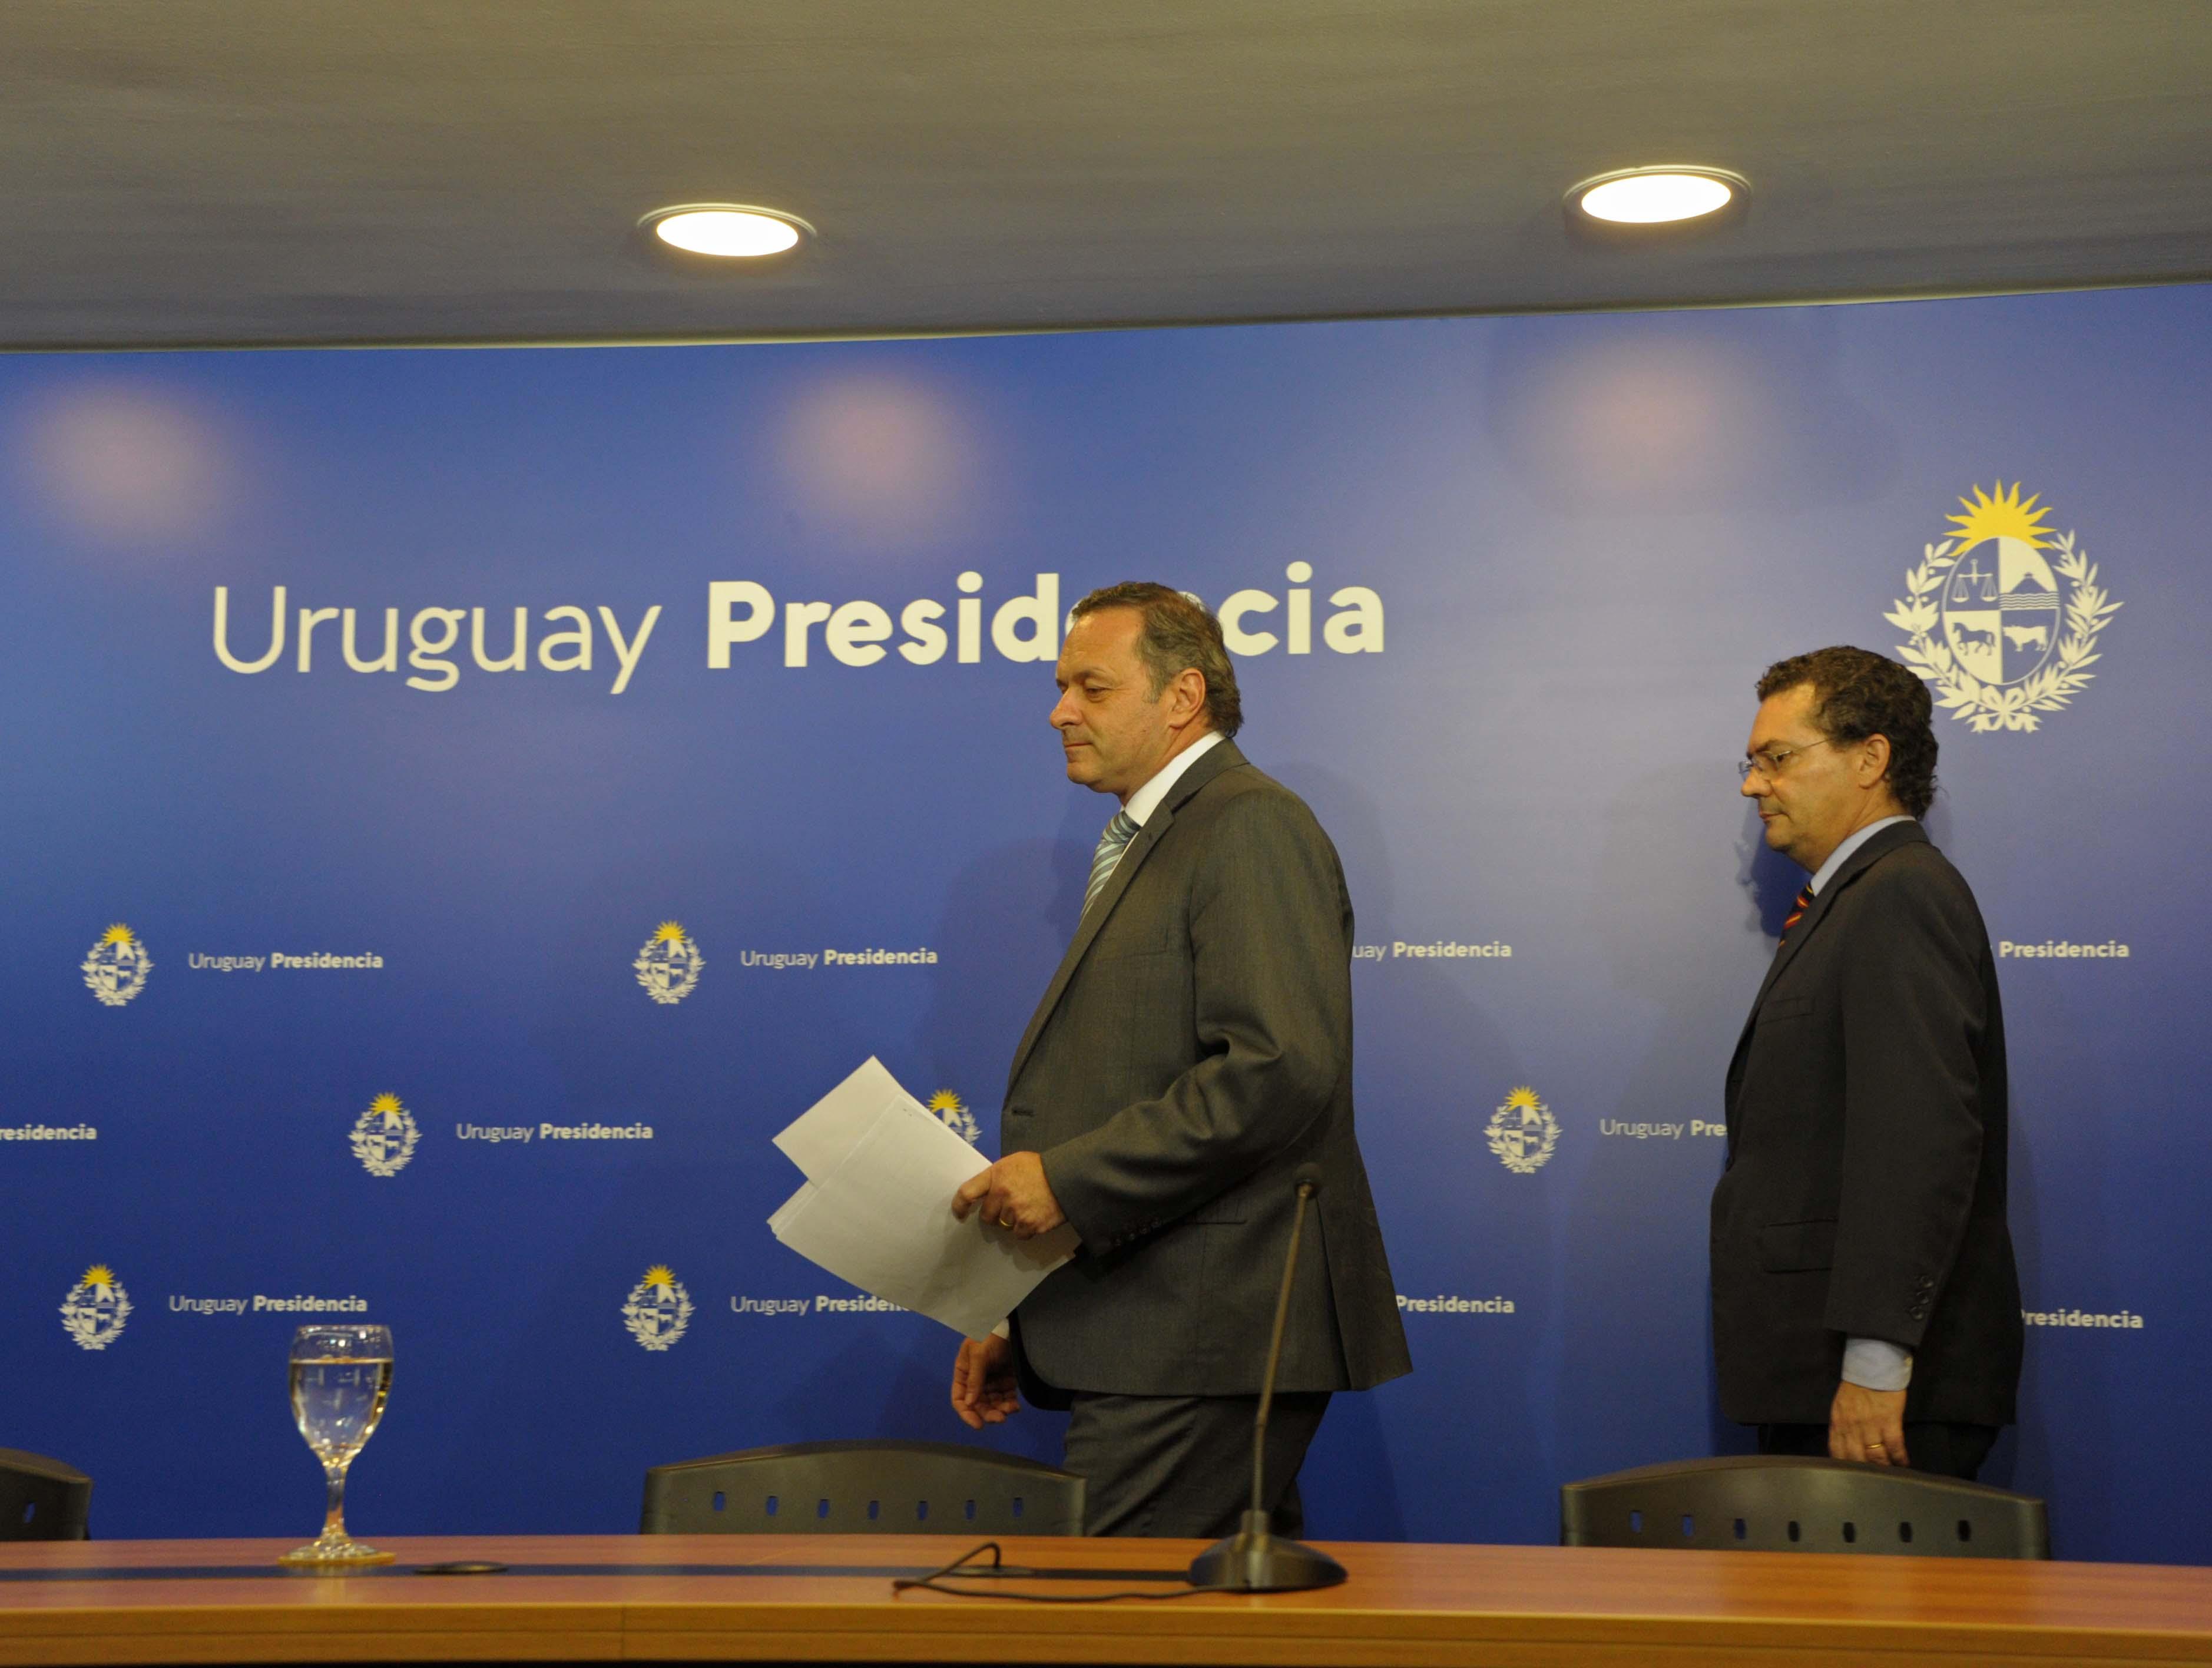 Secretario de Presidencia, Álvaro Delgado, y prosecretario de Presidencia, Rodrigo Ferrés, previo al inicio de la conferencia de prensa